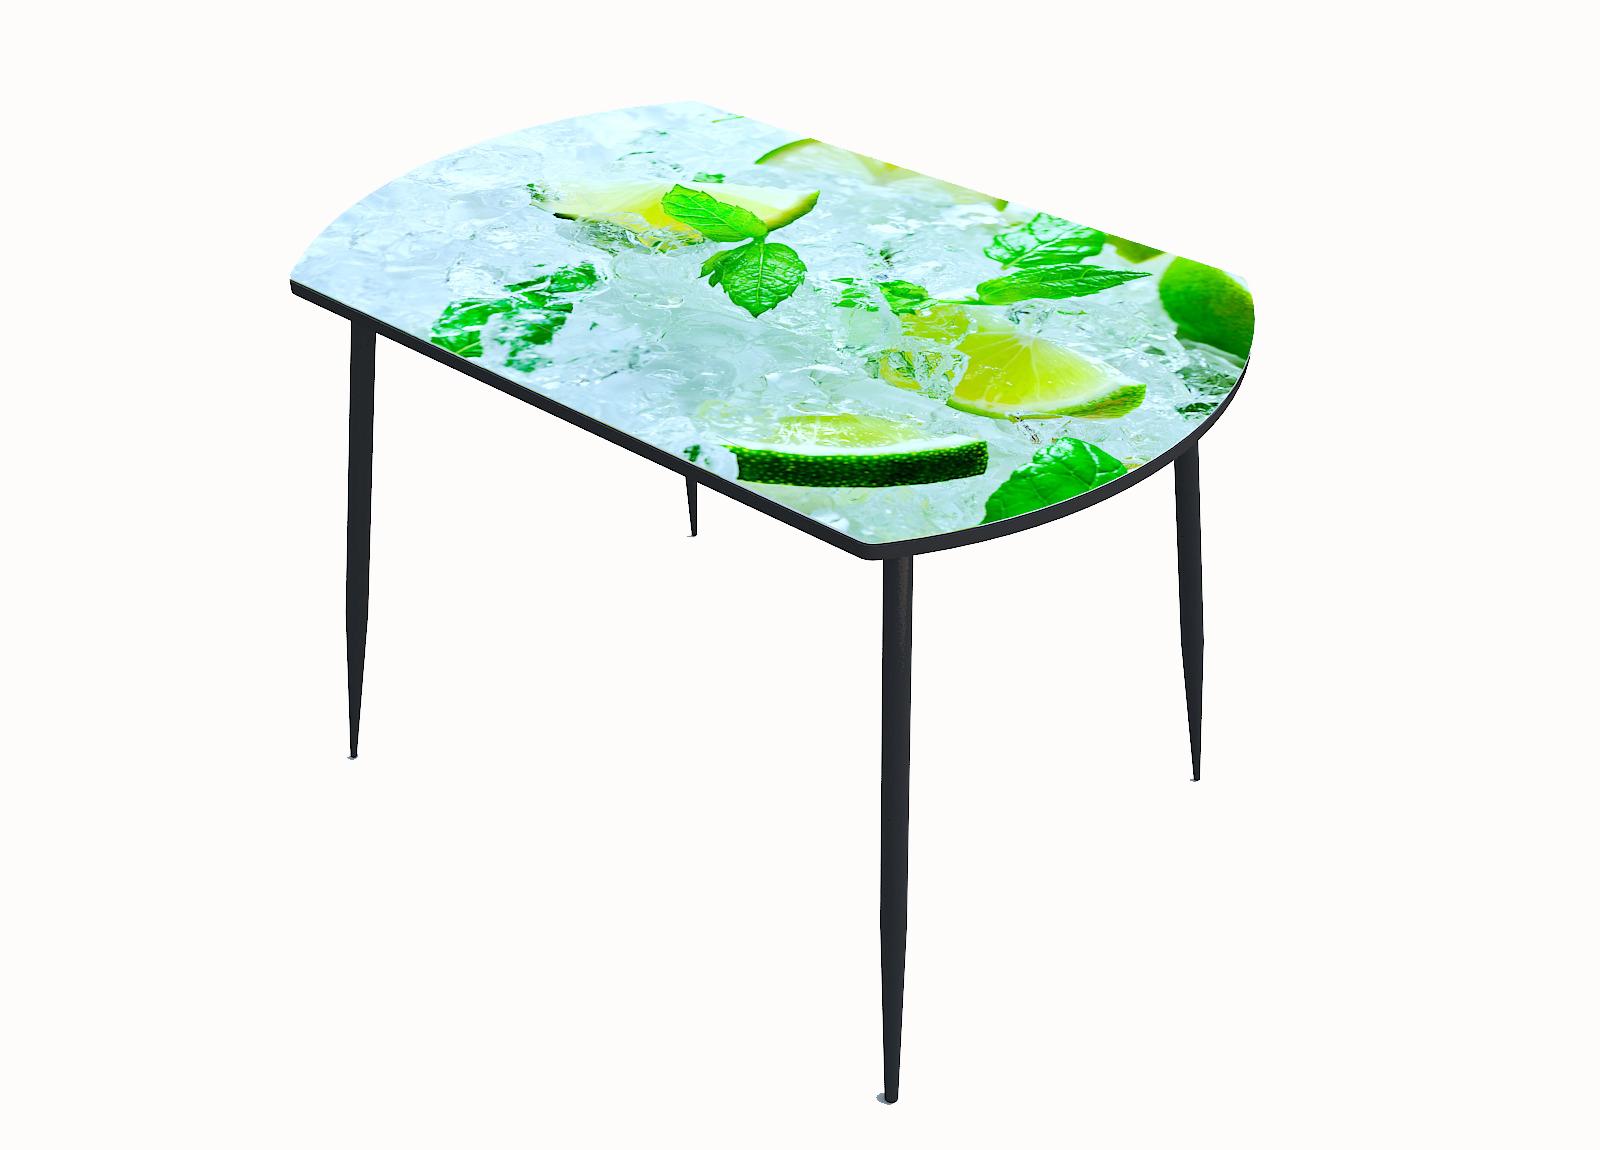 Стол стекло фотопечать Лайм лёд 021